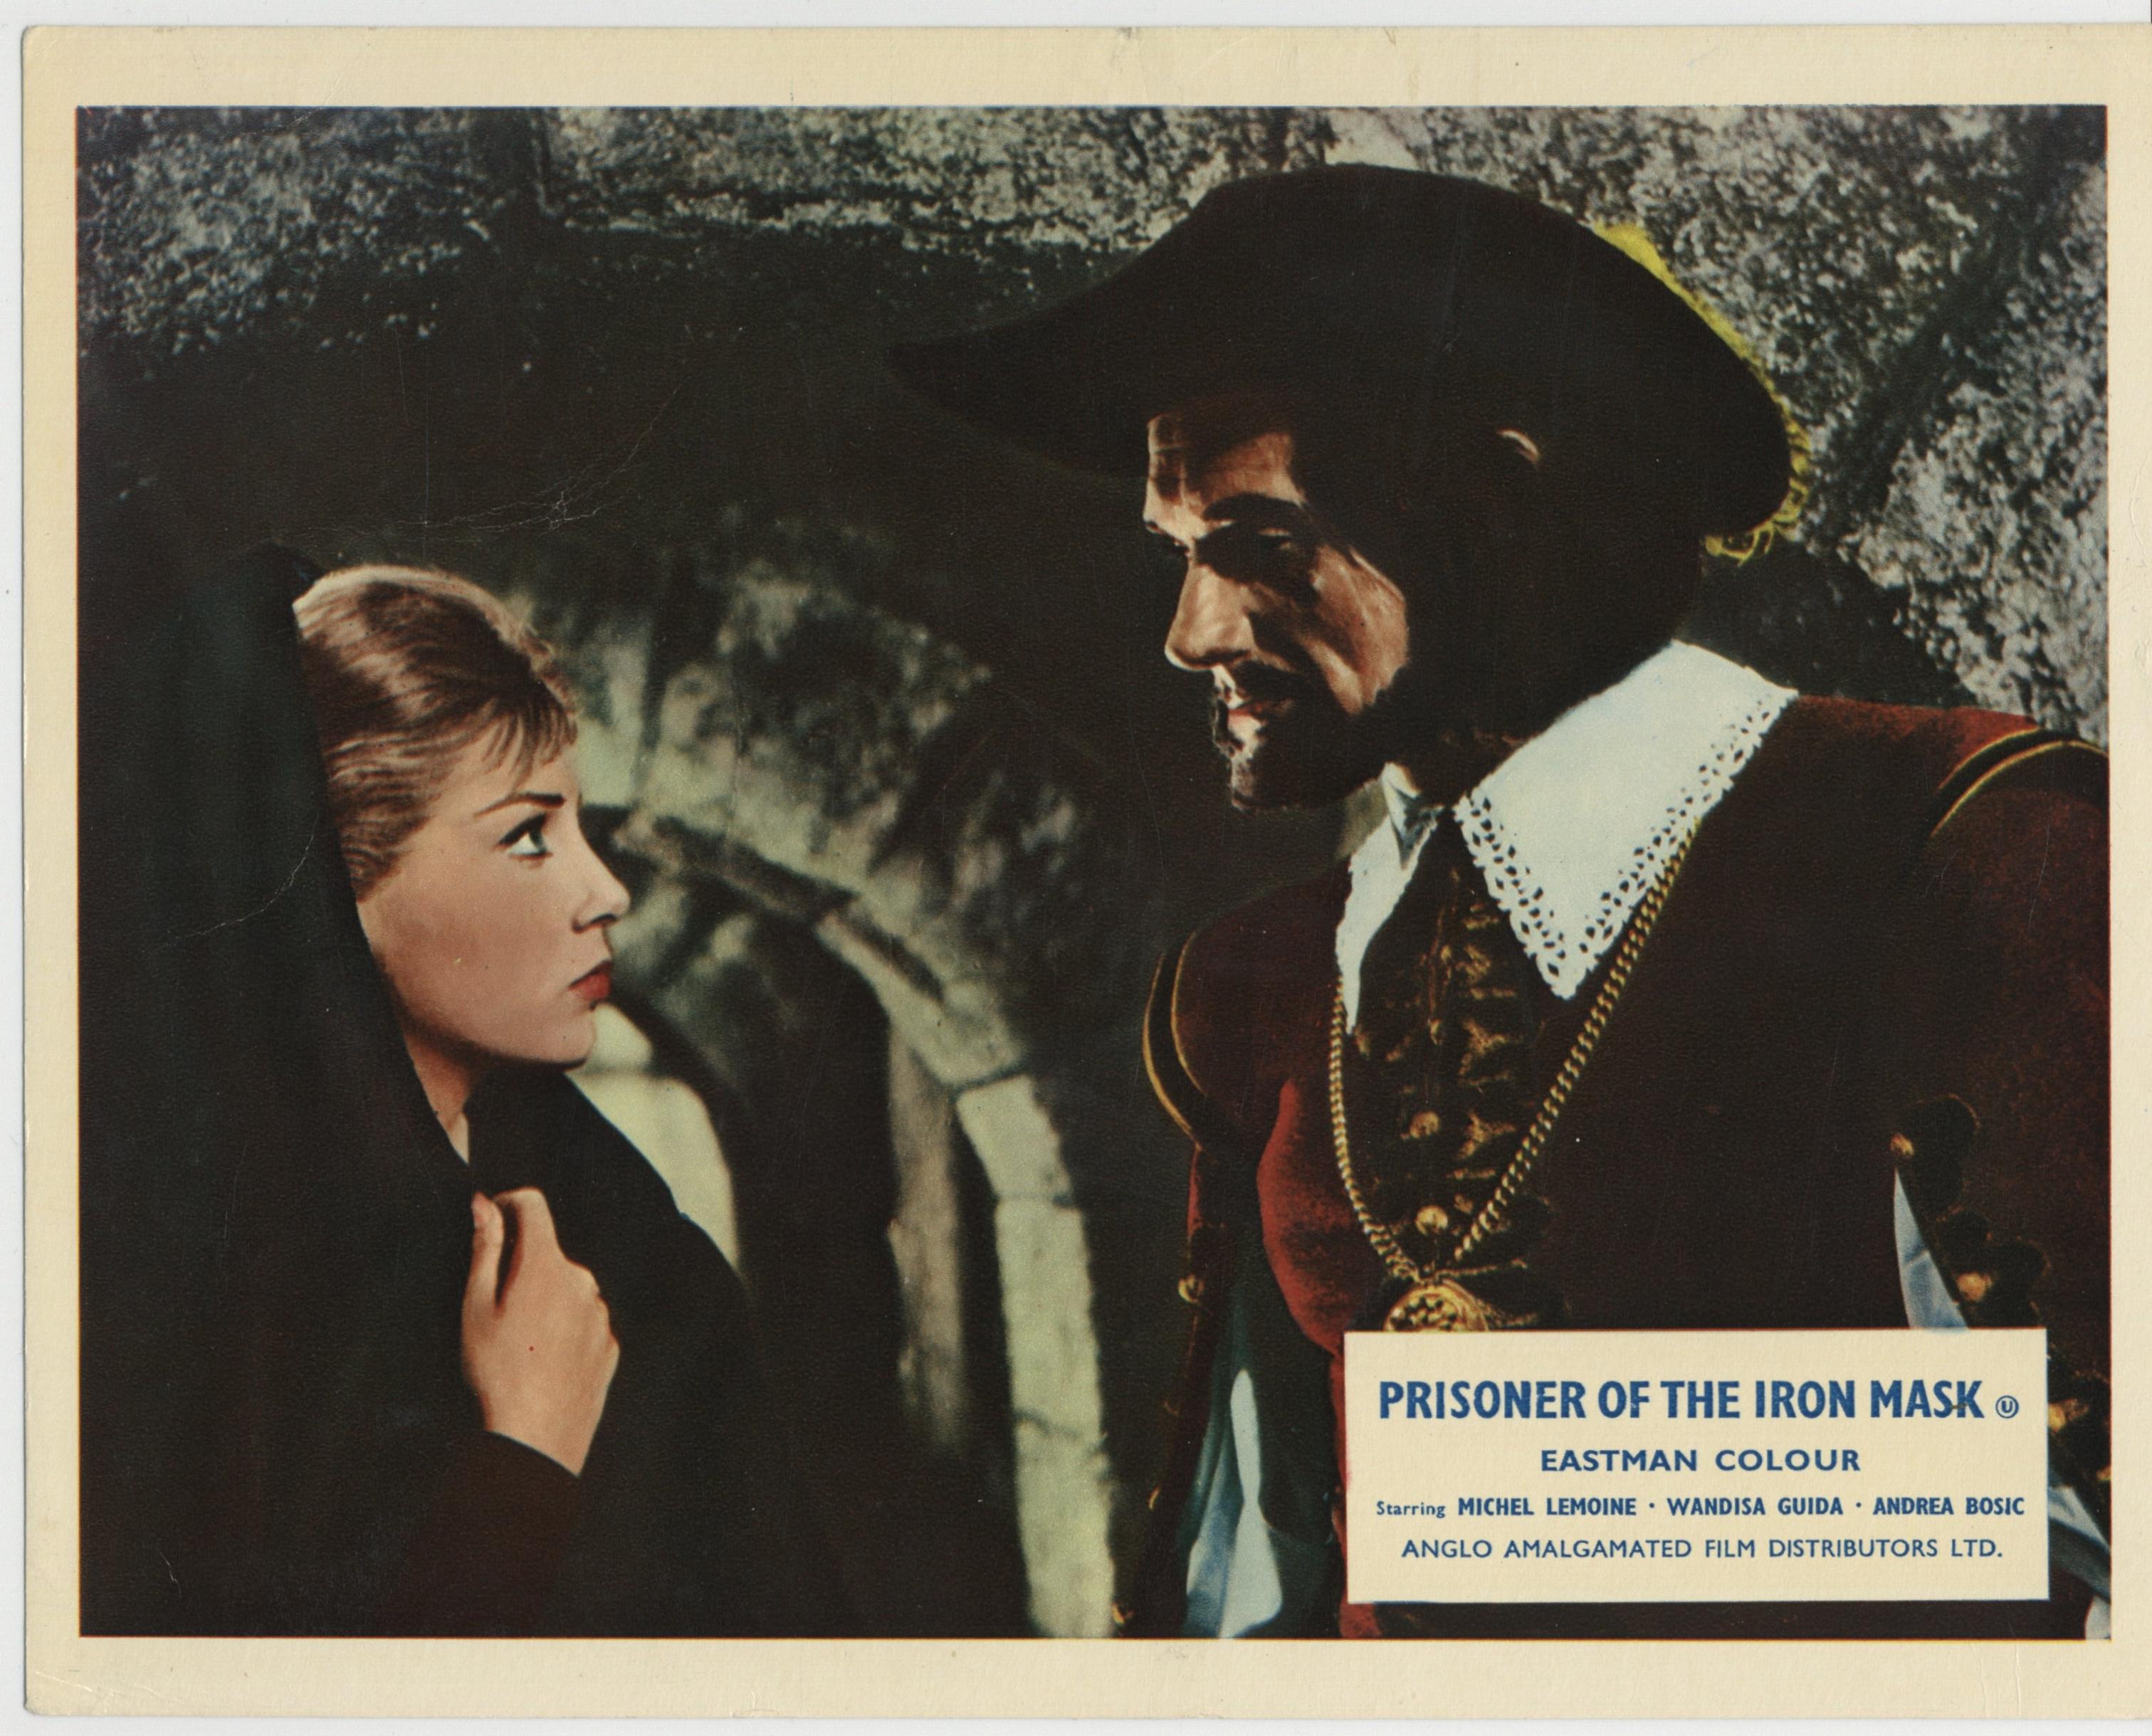 Wandisa Guida in La vendetta della maschera di ferro (1961)